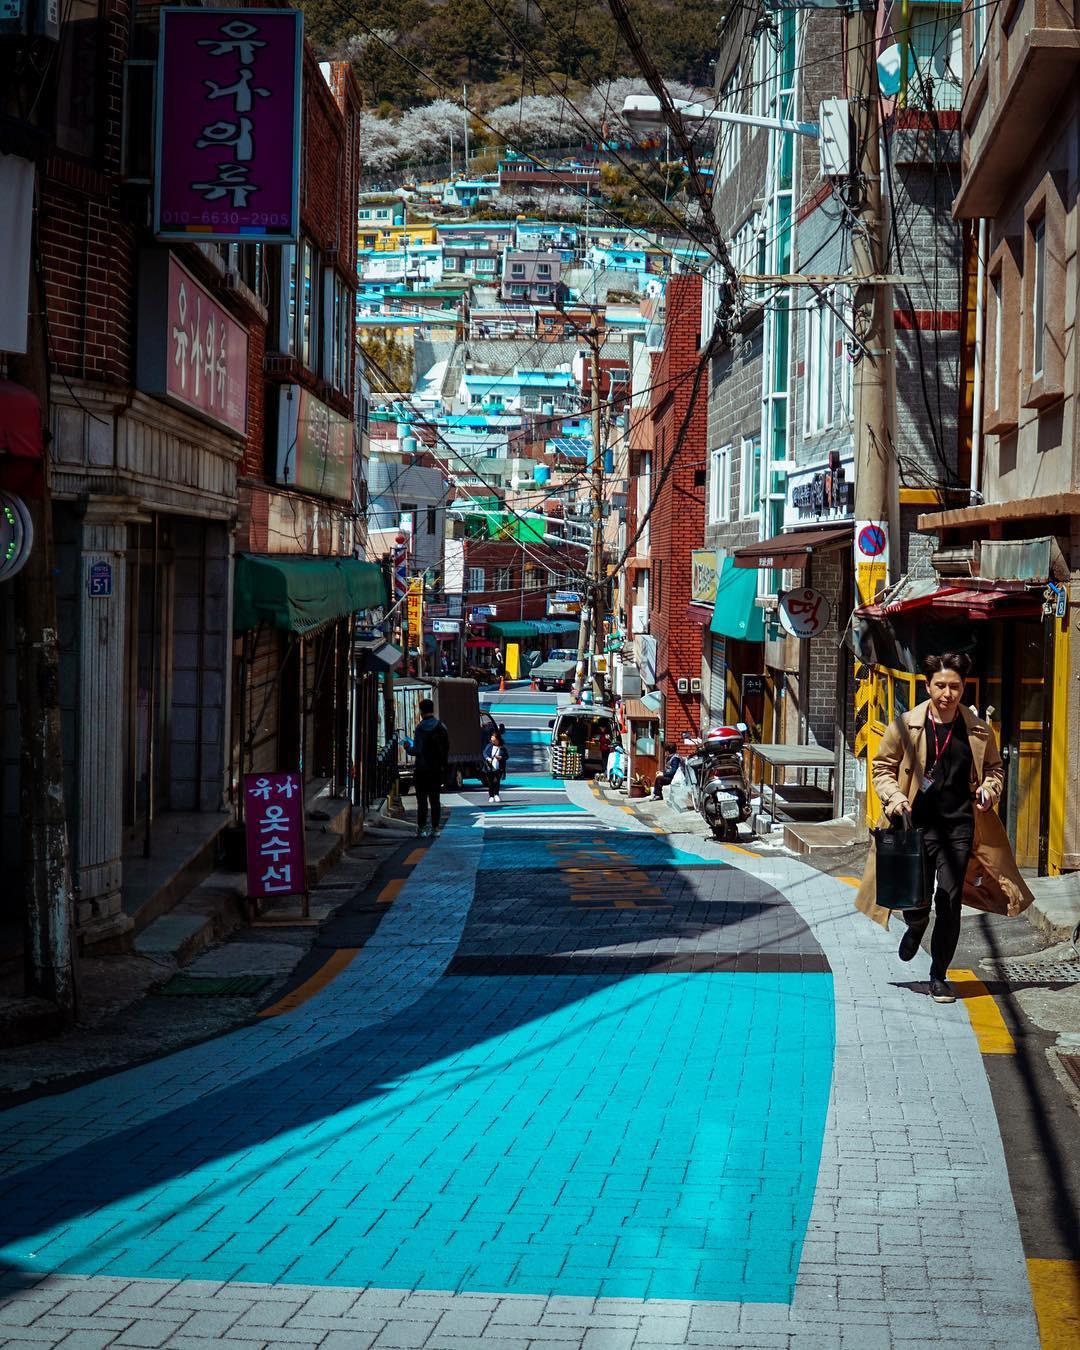 Đi du lịch chớp nhoáng như Hương Giang: Đứng bừa một góc trong làng bích hoạ Hàn Quốc cũng có khối ảnh xinh xẻo - Ảnh 7.